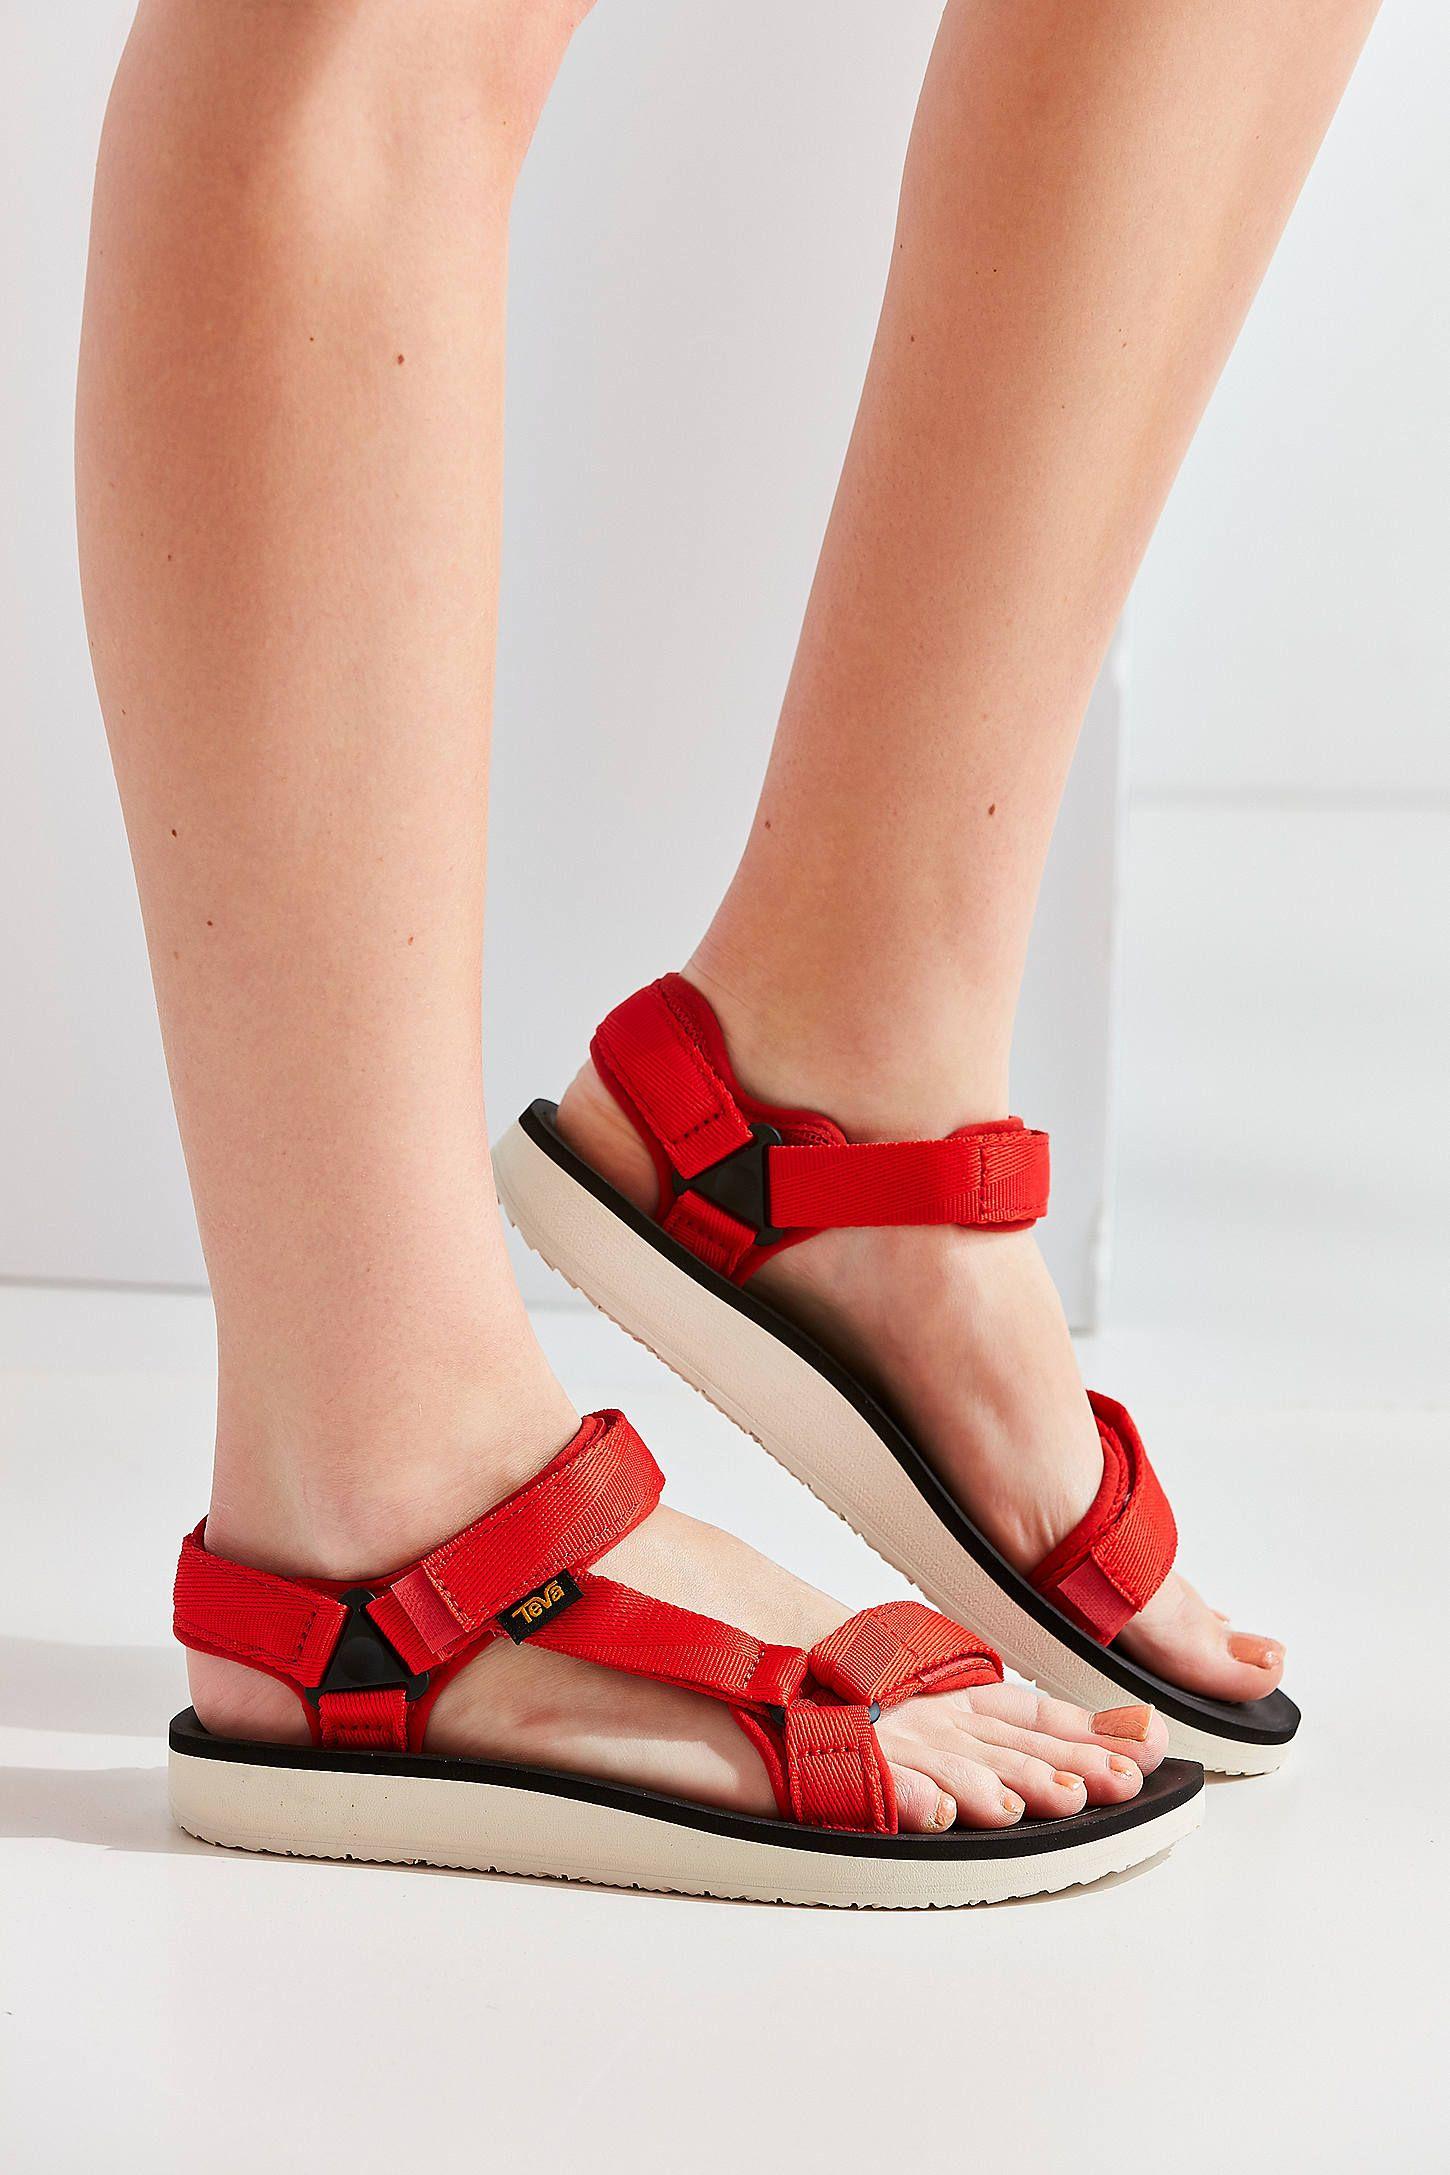 Teva Original Universal Premier Sandal | Teva original